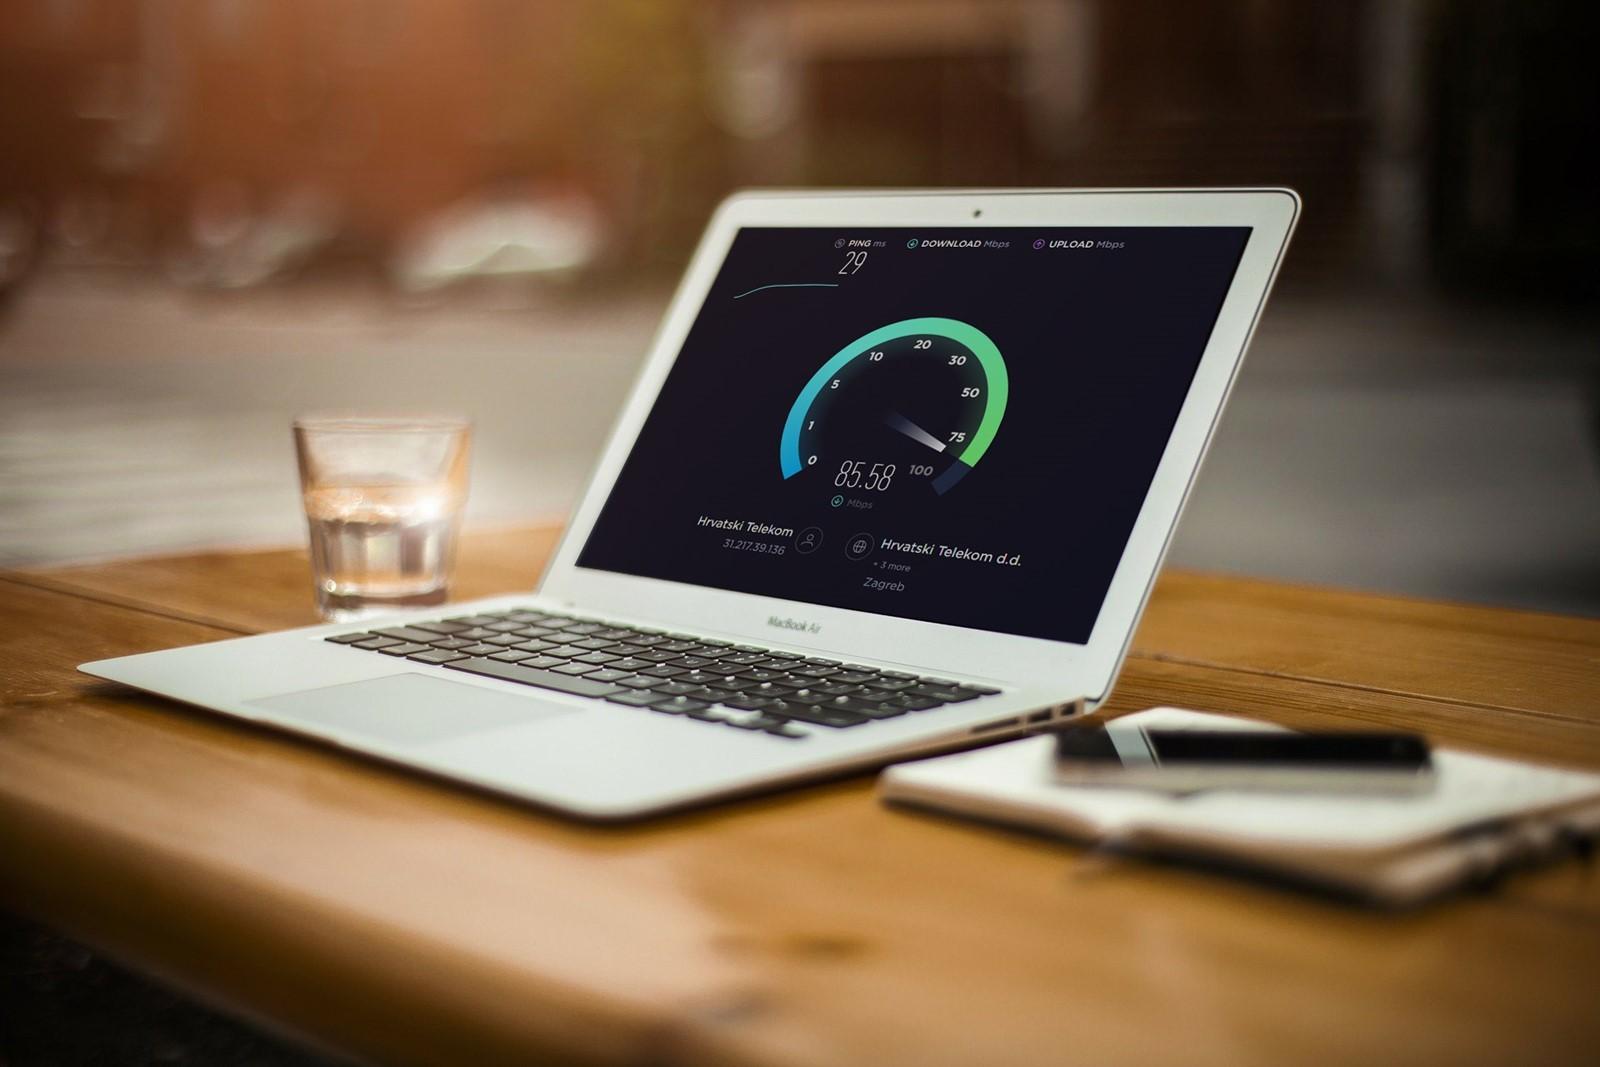 S pomočjo aplikacije Ookla Speedtest boste lahko takoj izmerili hitrost svoje internetne povezave!